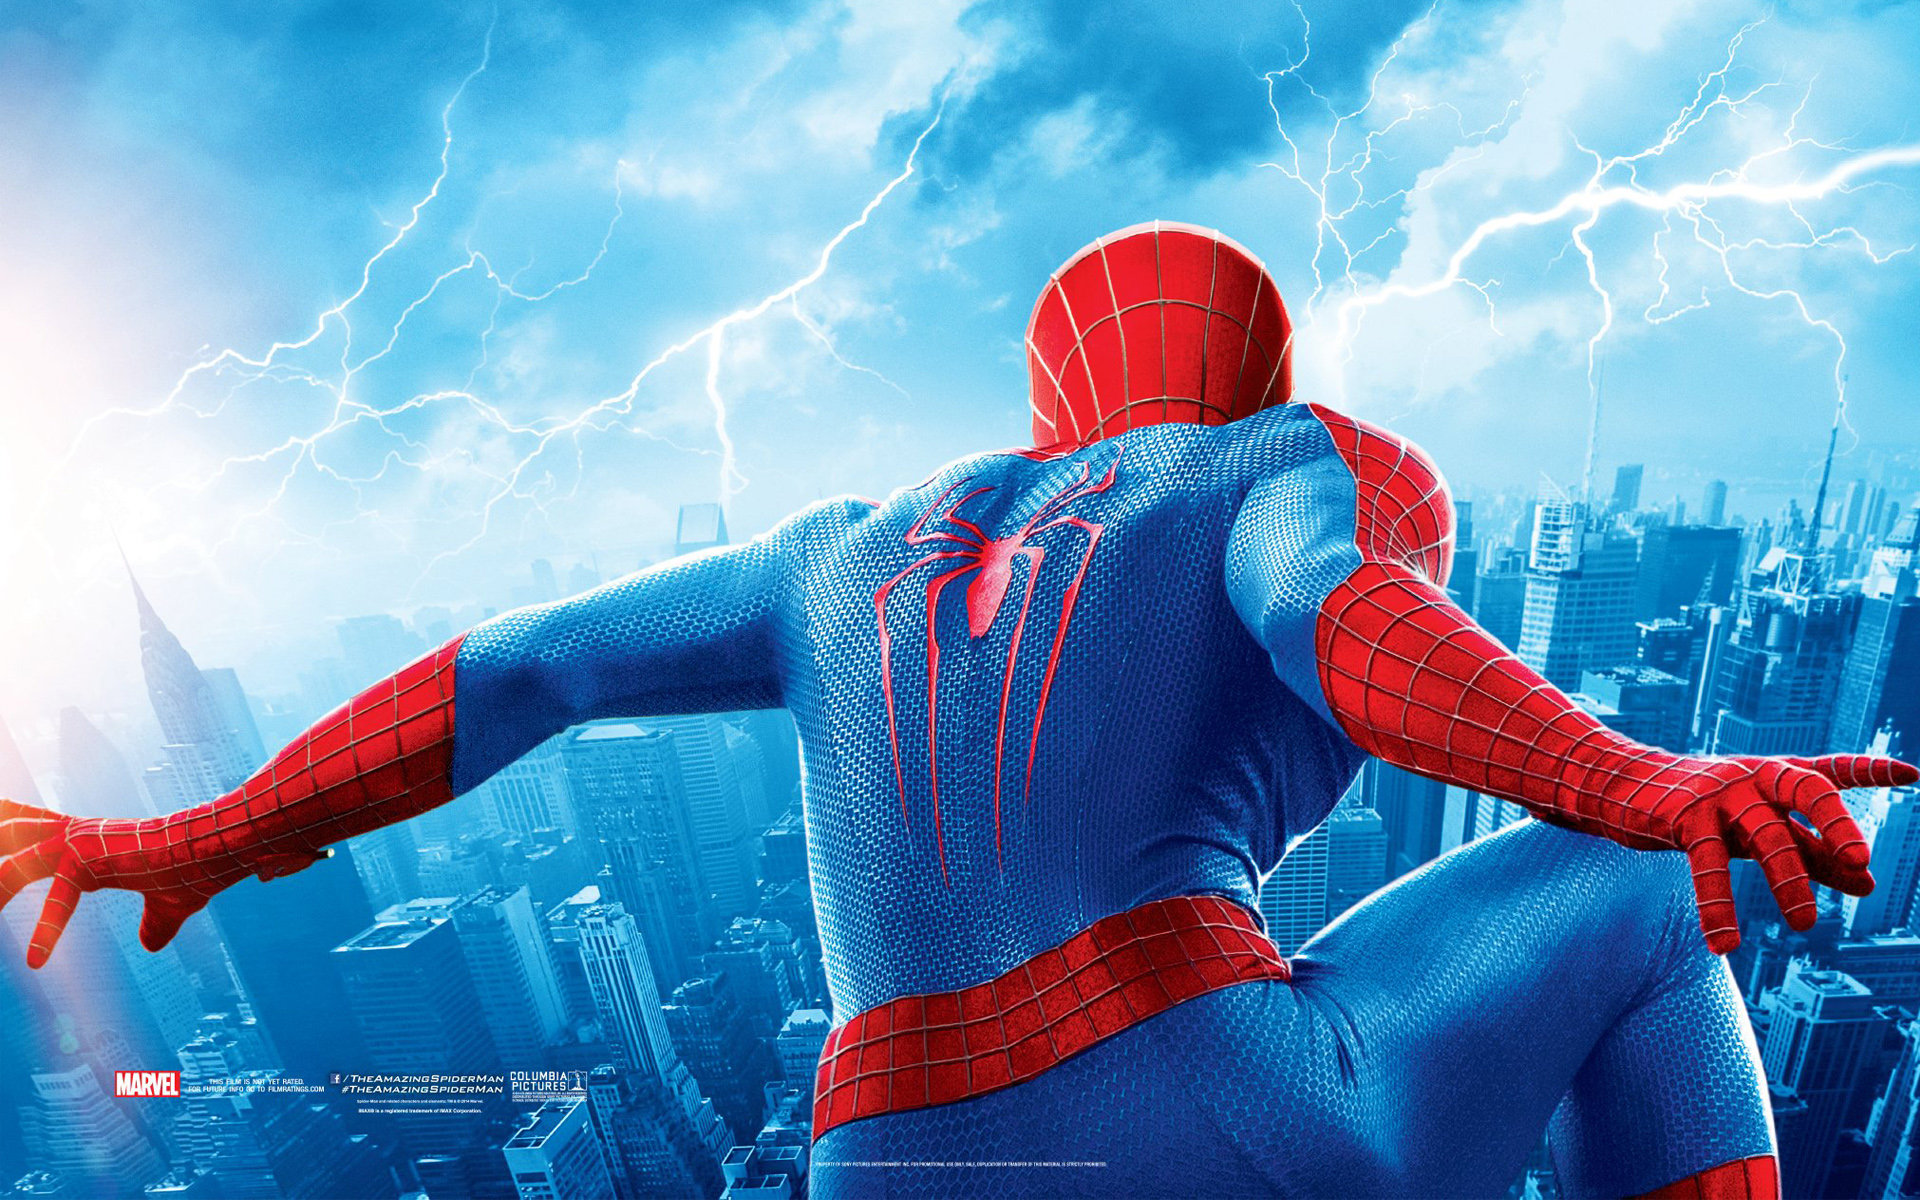 Человек паук высокое напряжение смотреть онлайн бесплатно 14 фотография